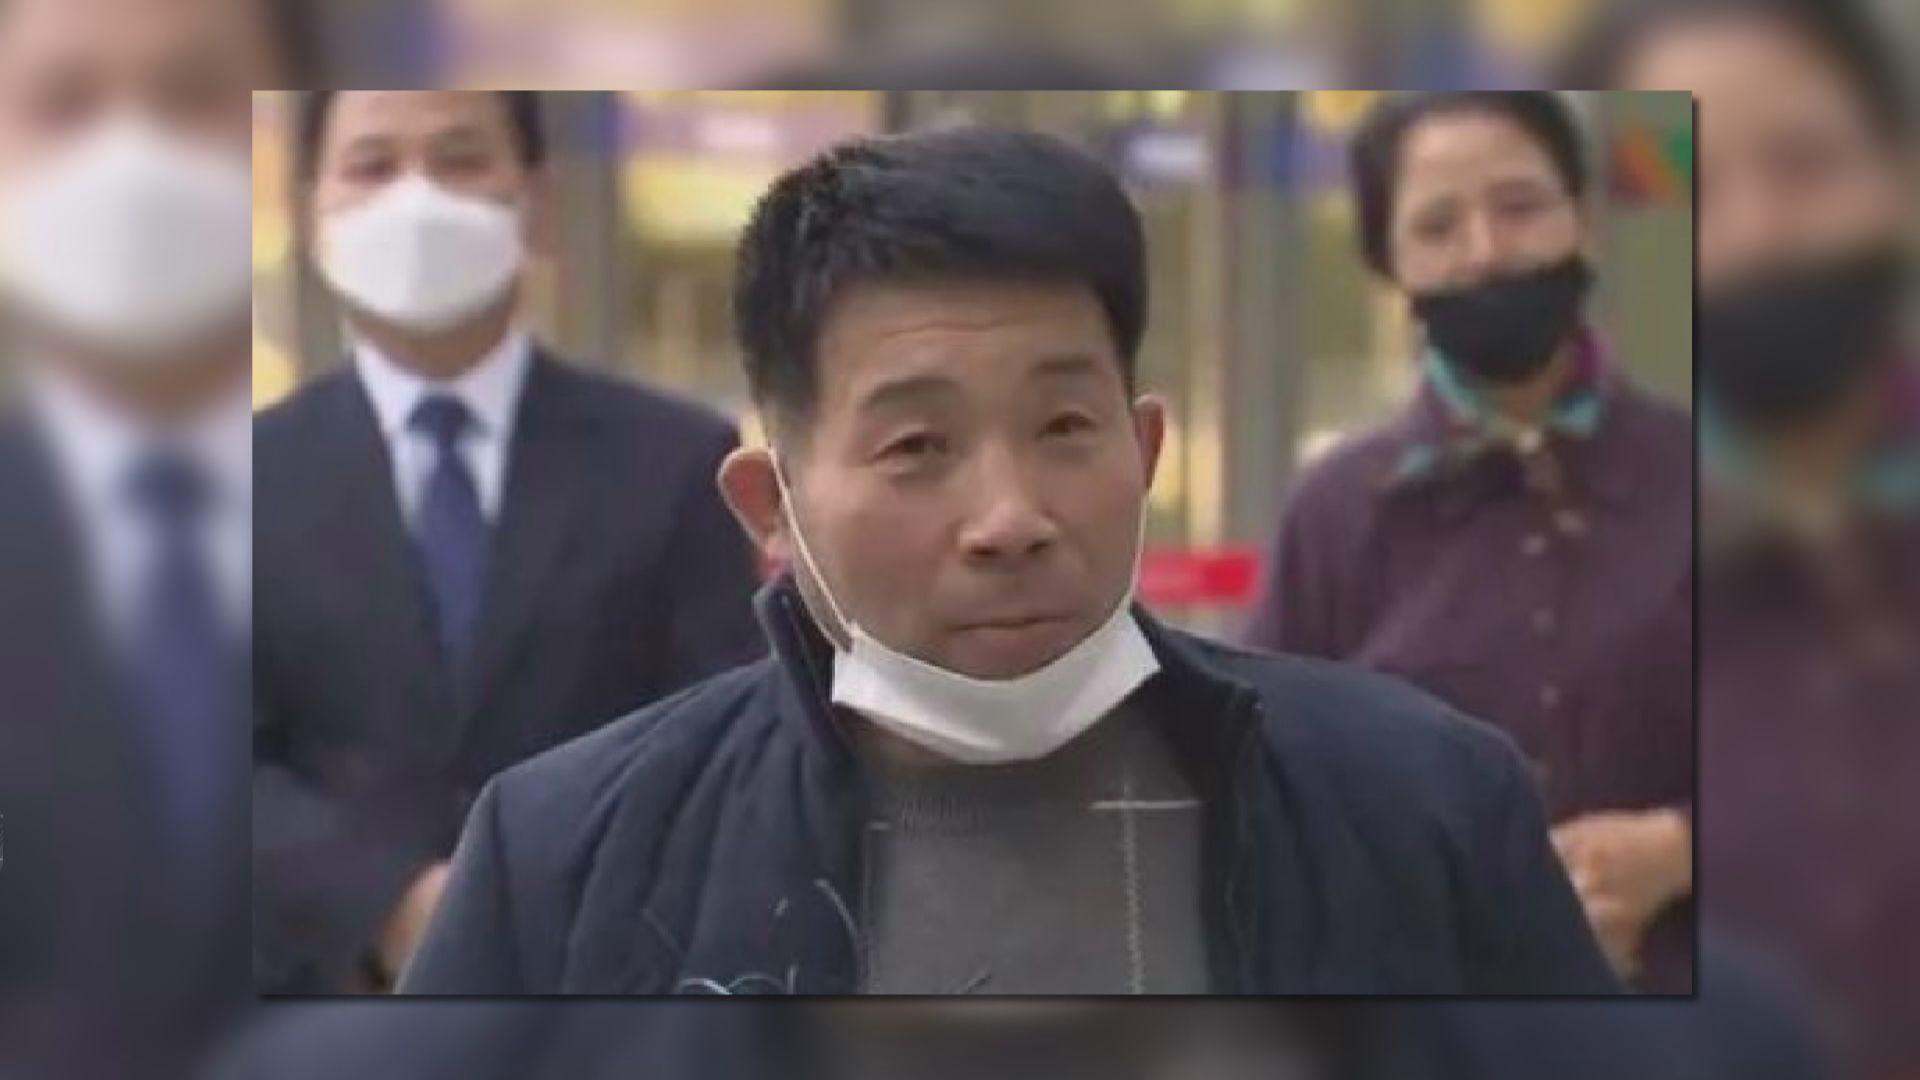 【環球薈報】尹成如因華城連環殺人案坐廿年冤獄後獲判無罪